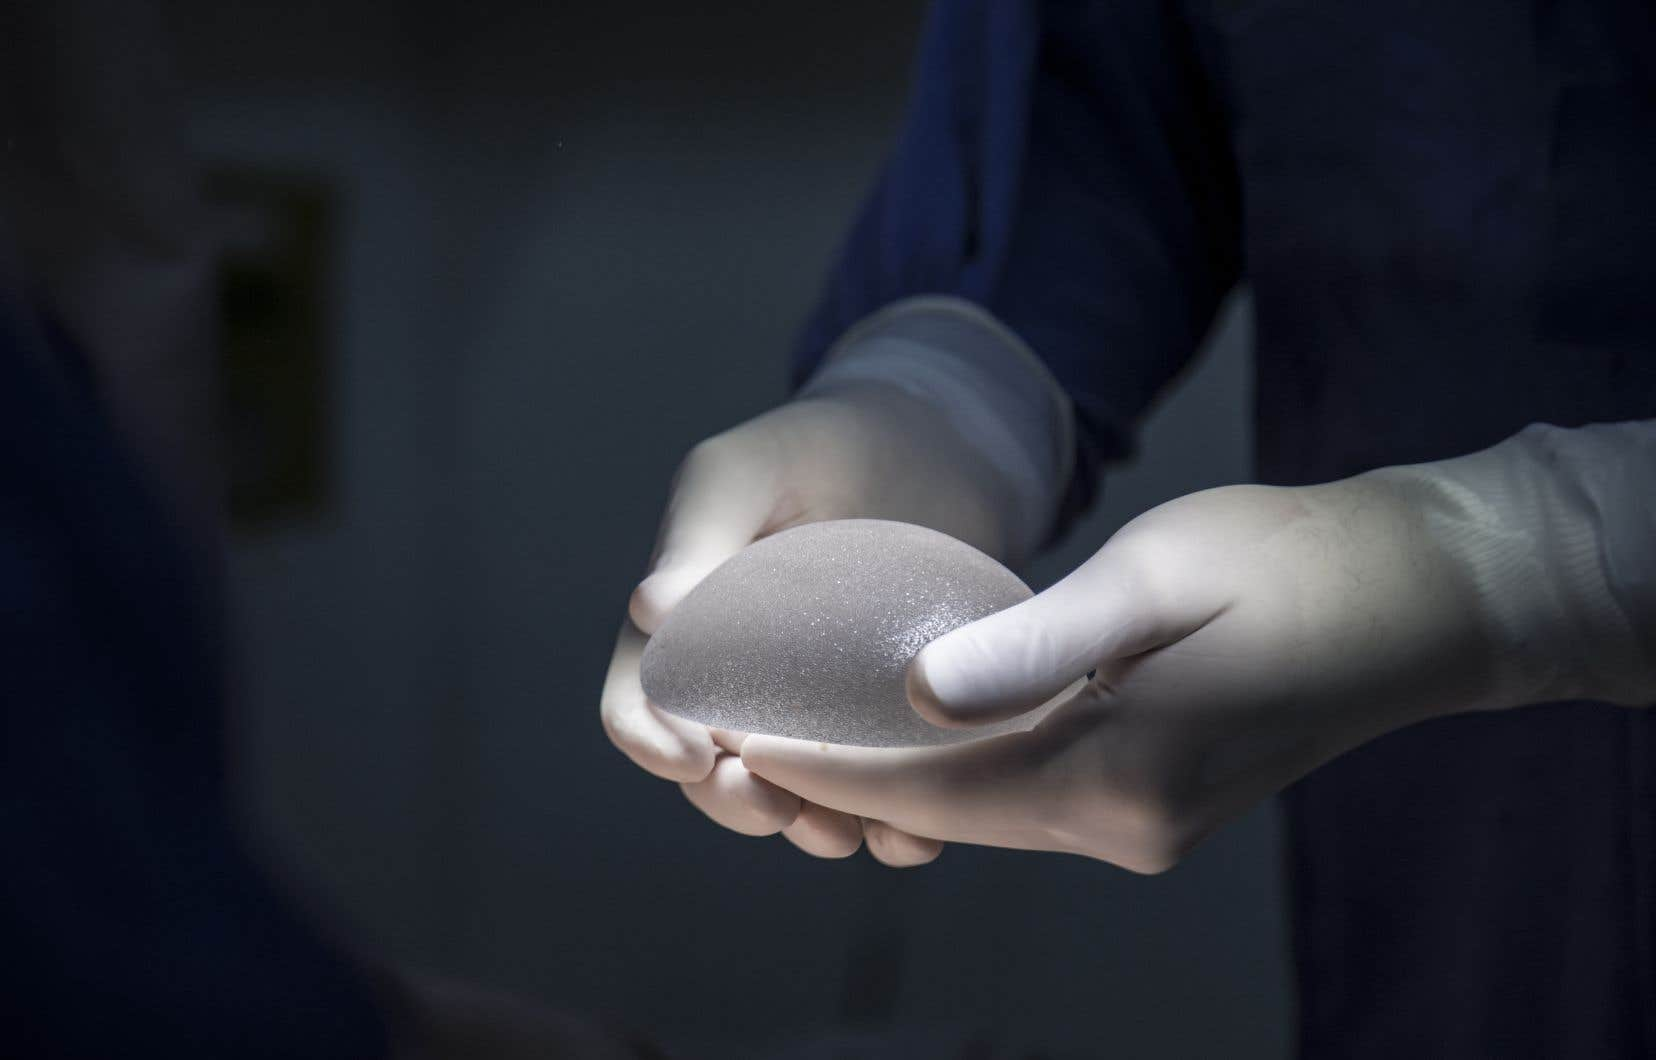 Ce sont les prothèses mammaires à enveloppe texturée qui sont mises en cause par l'Agence nationale du médicament en France(photo d'illustration).